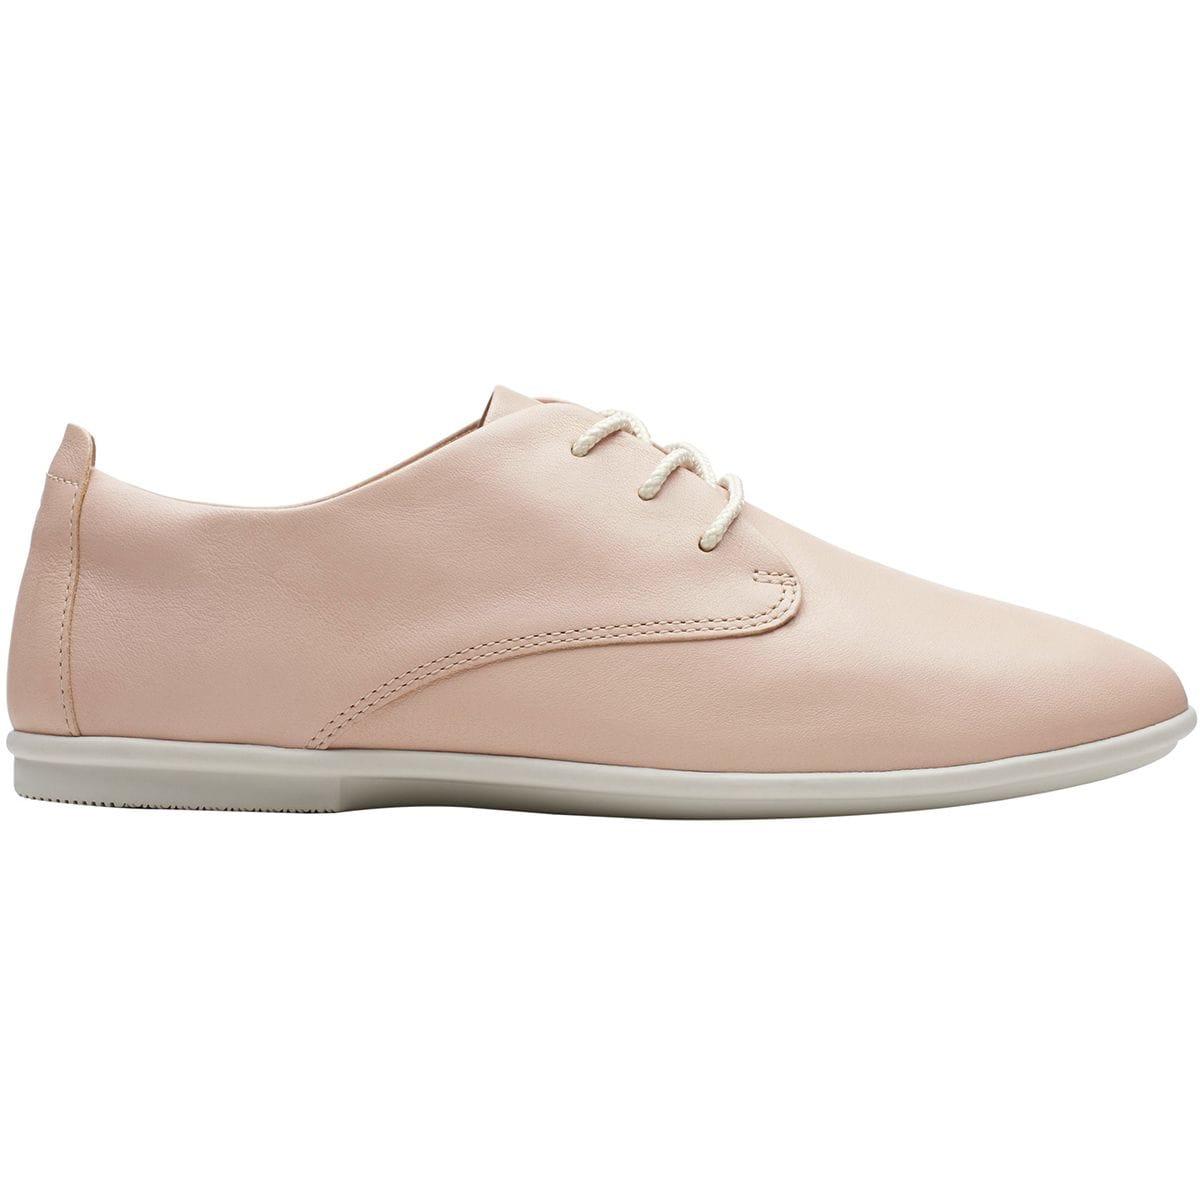 Clarks Un Un Un Coral Lace shoes - Women's f58d1f